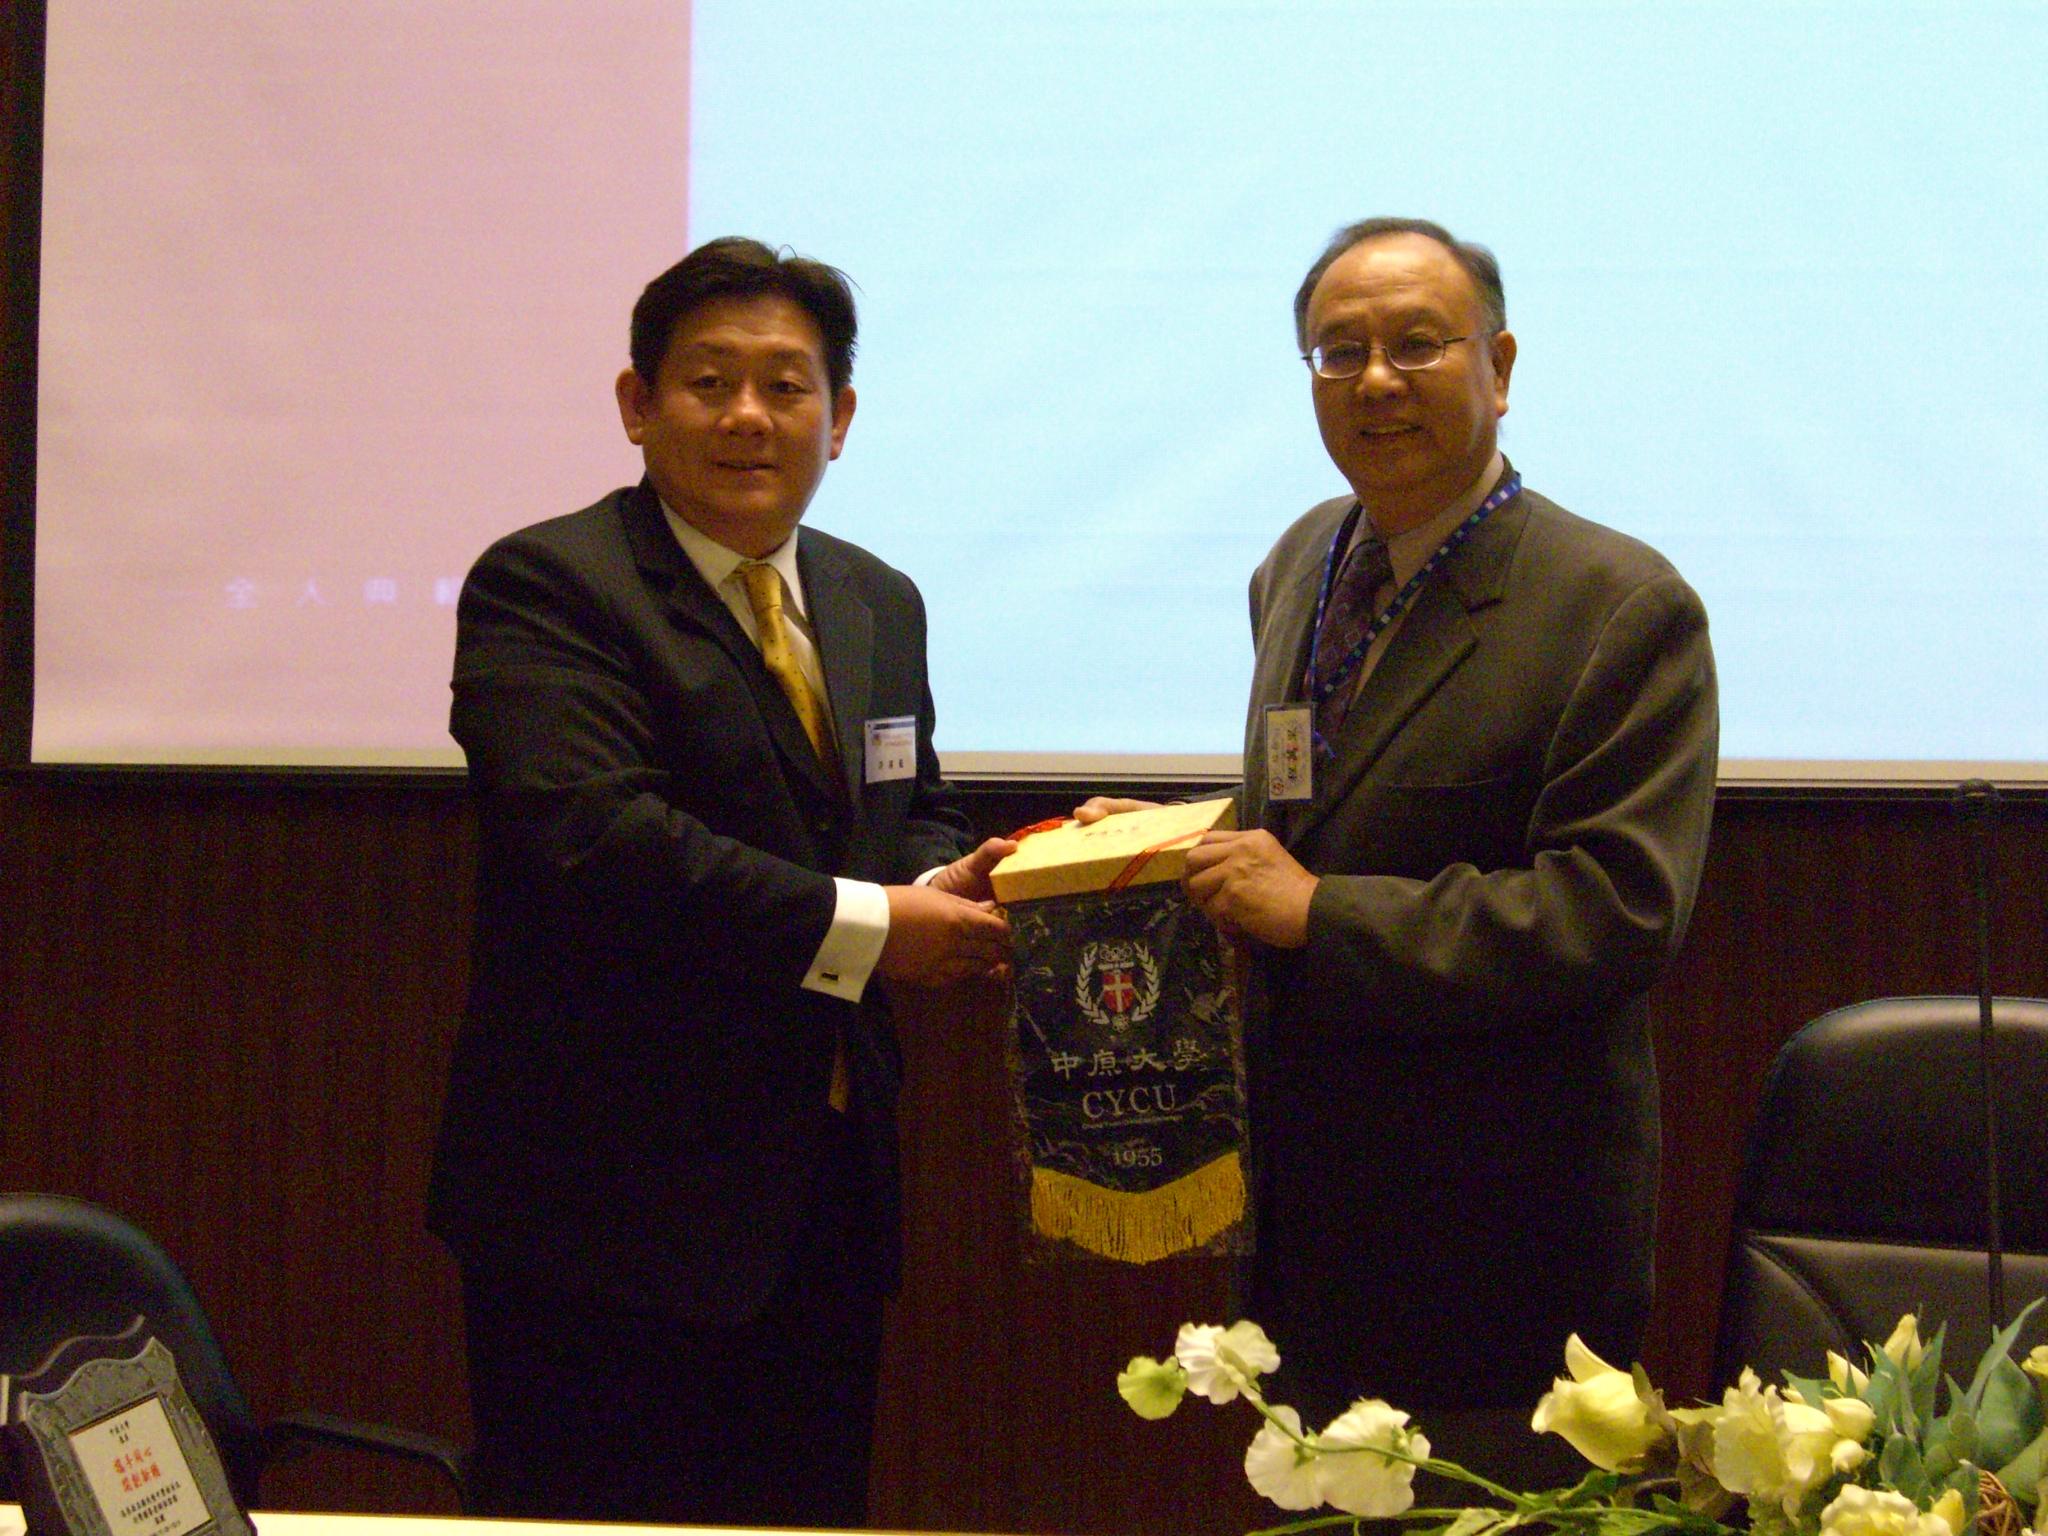 馬來西亞校長及輔導老師團來訪 中原大學熱烈歡迎